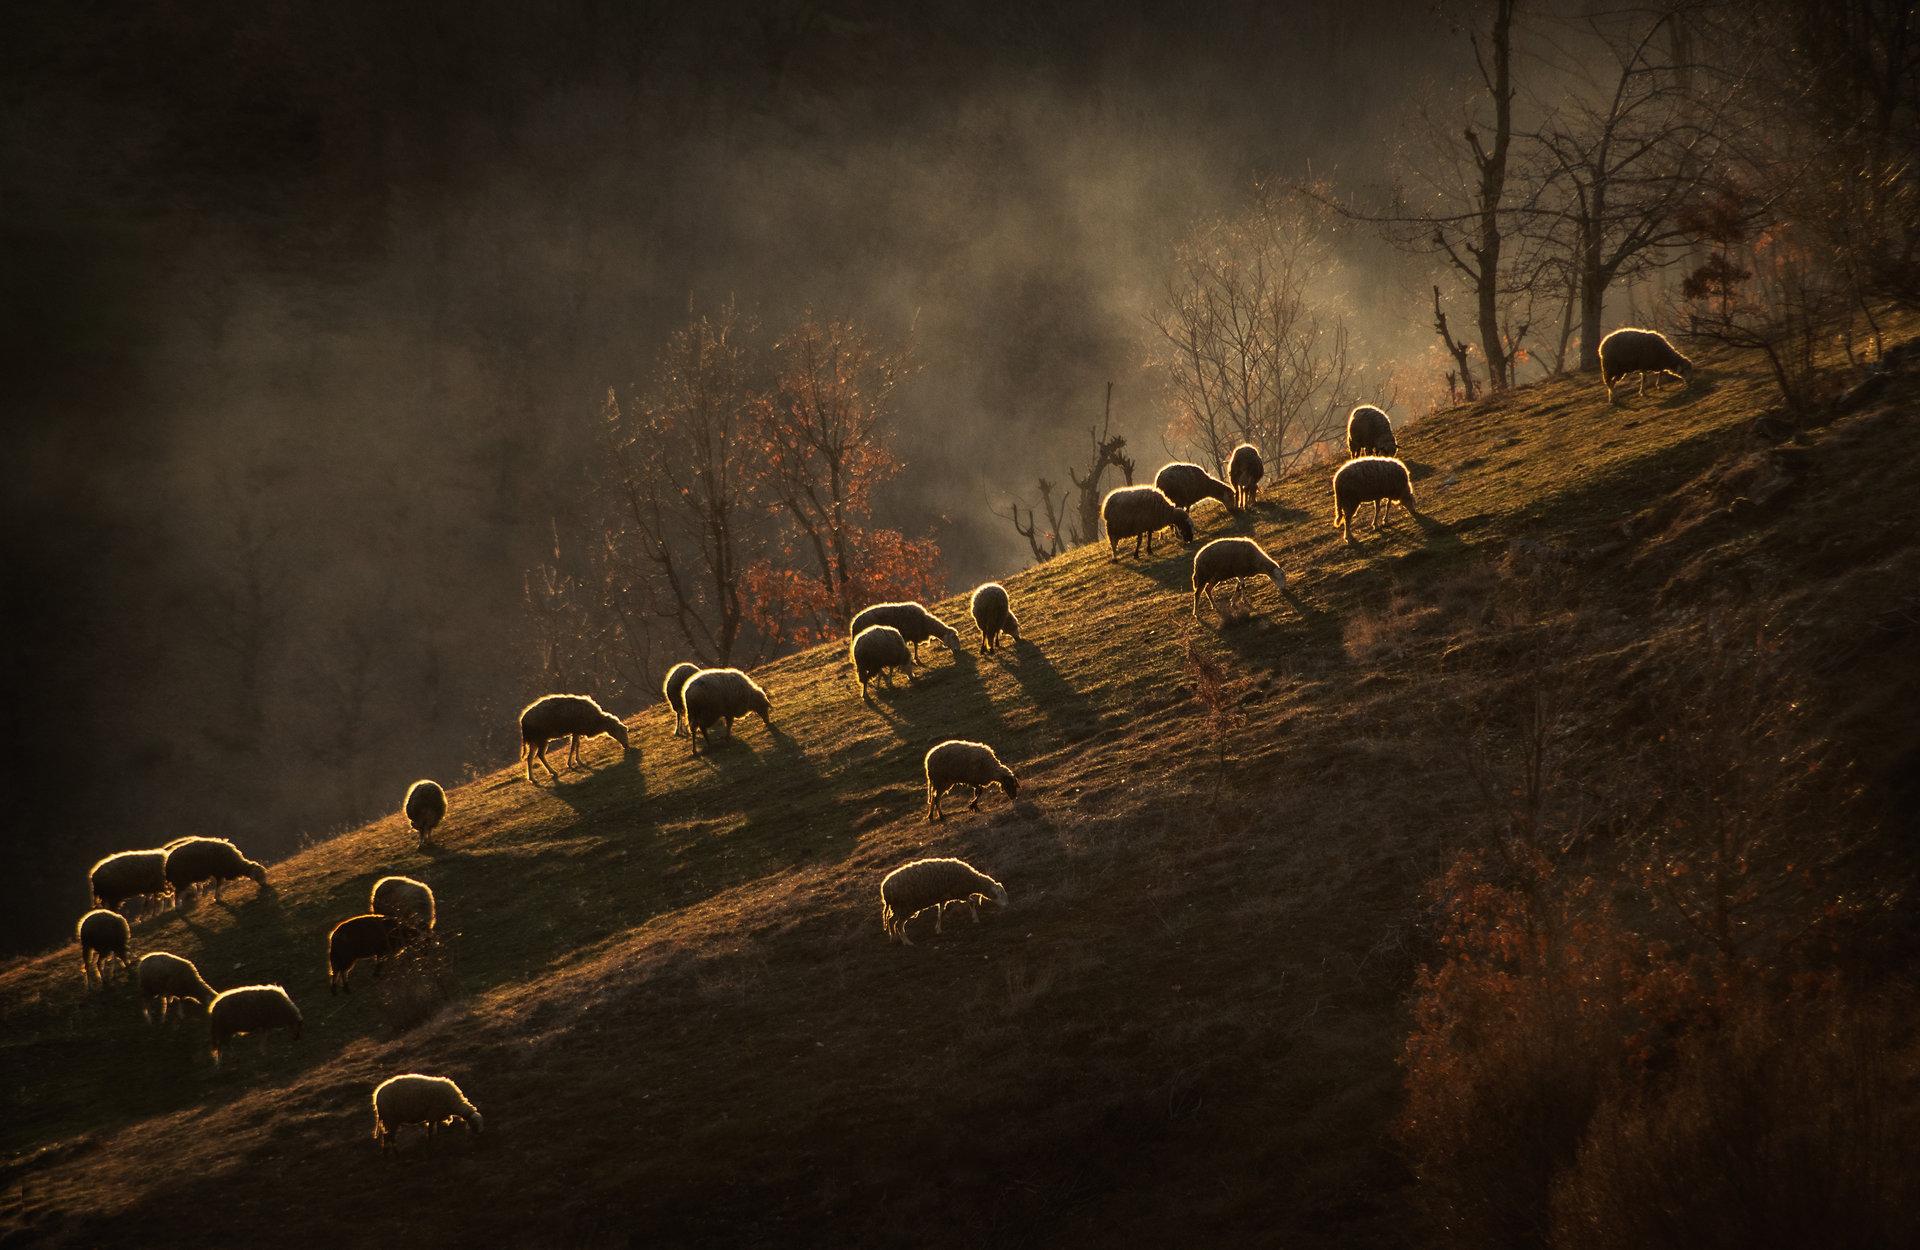 В края на деня някъде там в Родопа планина...   Author Nadezhda Raycheva - sunnyhope   PHOTO FORUM